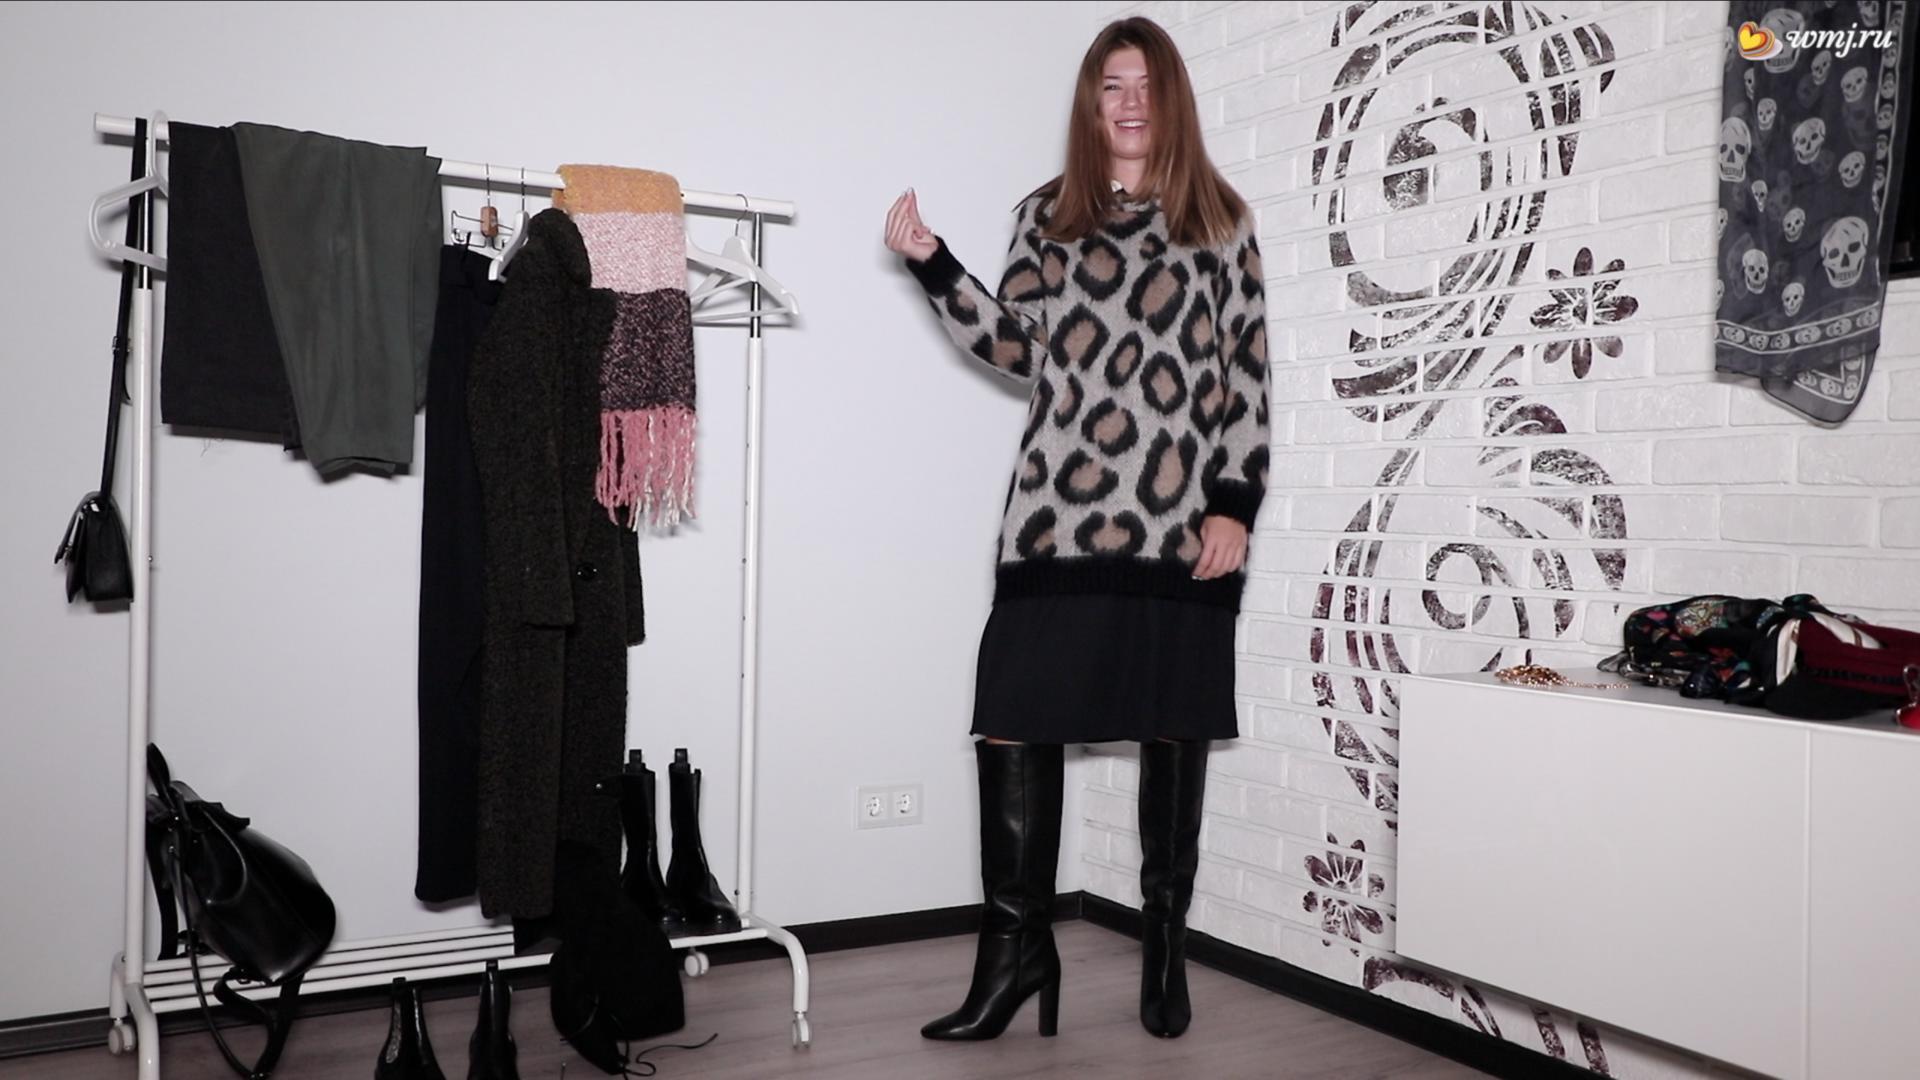 Как и с чем носить длинный свитер: советы стилиста и 5 крутых образов